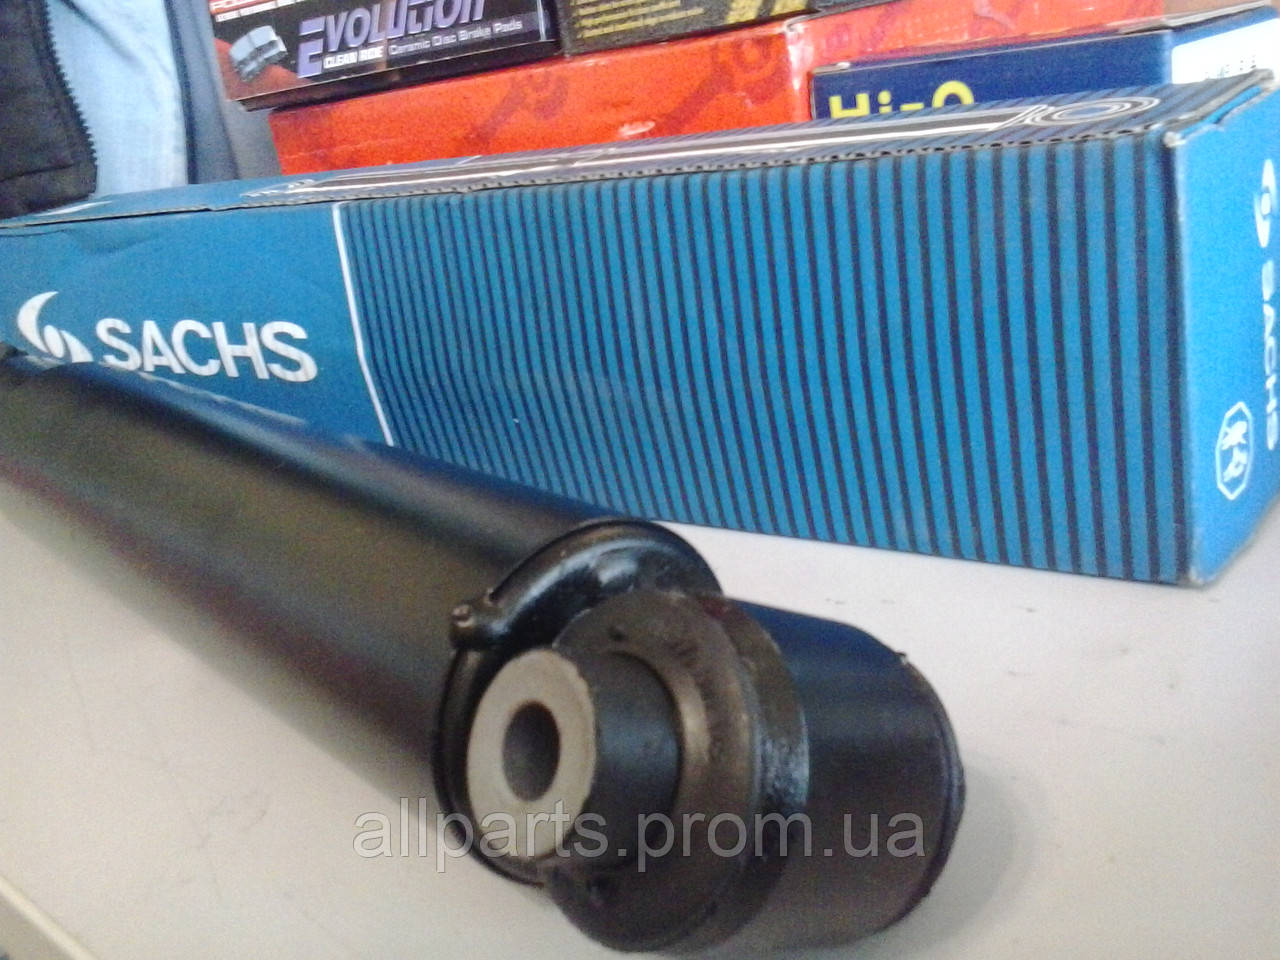 Амортизаторы Sachs серия Advantage и Super Touring (производитель Германия)